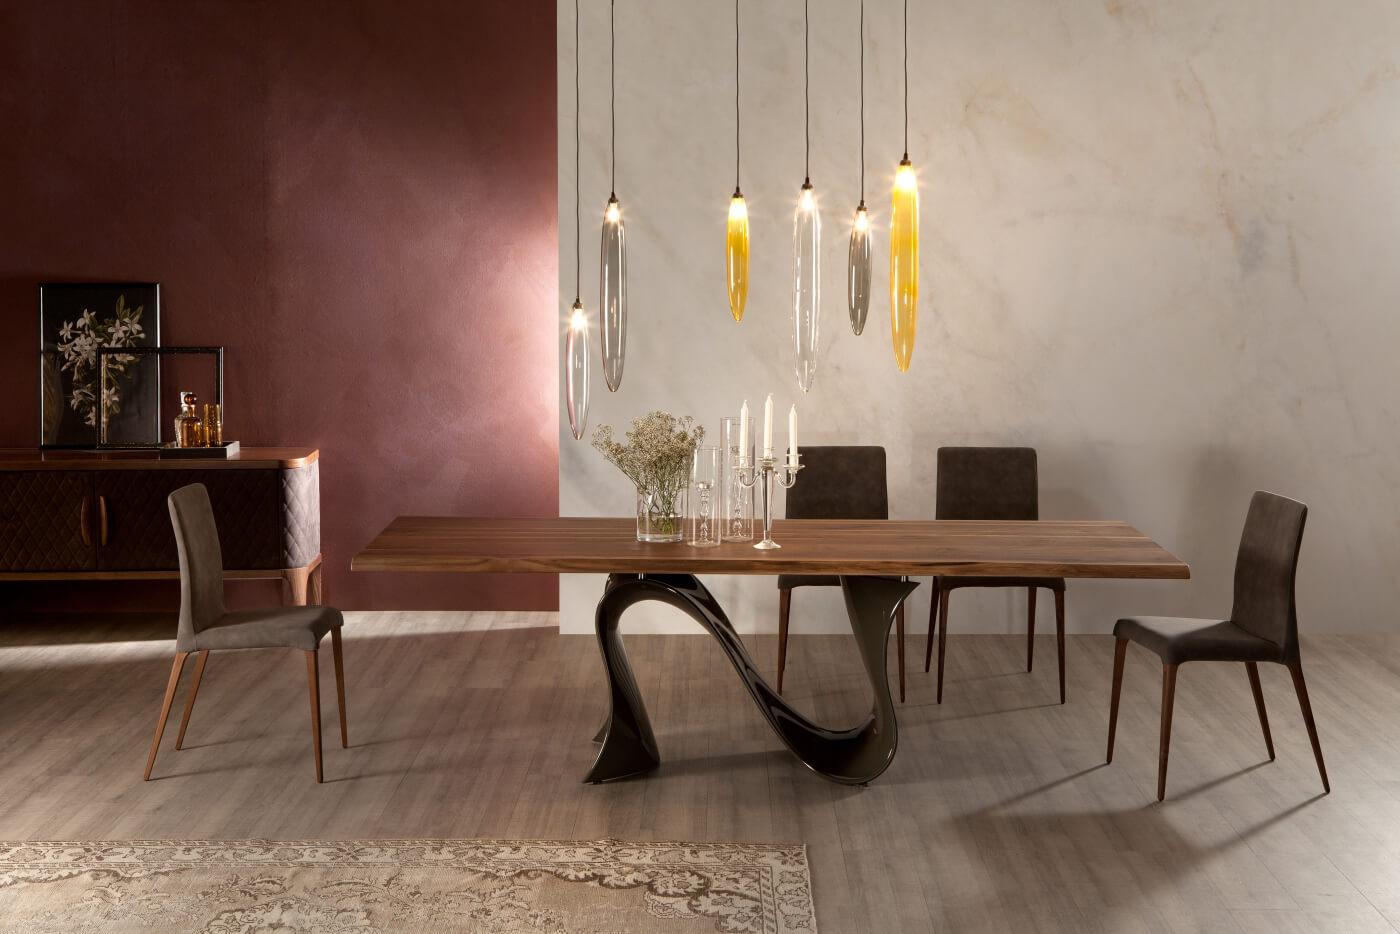 Un tocco di stile industrial in chiave contemporanea nel for Arredamento casa stile contemporaneo